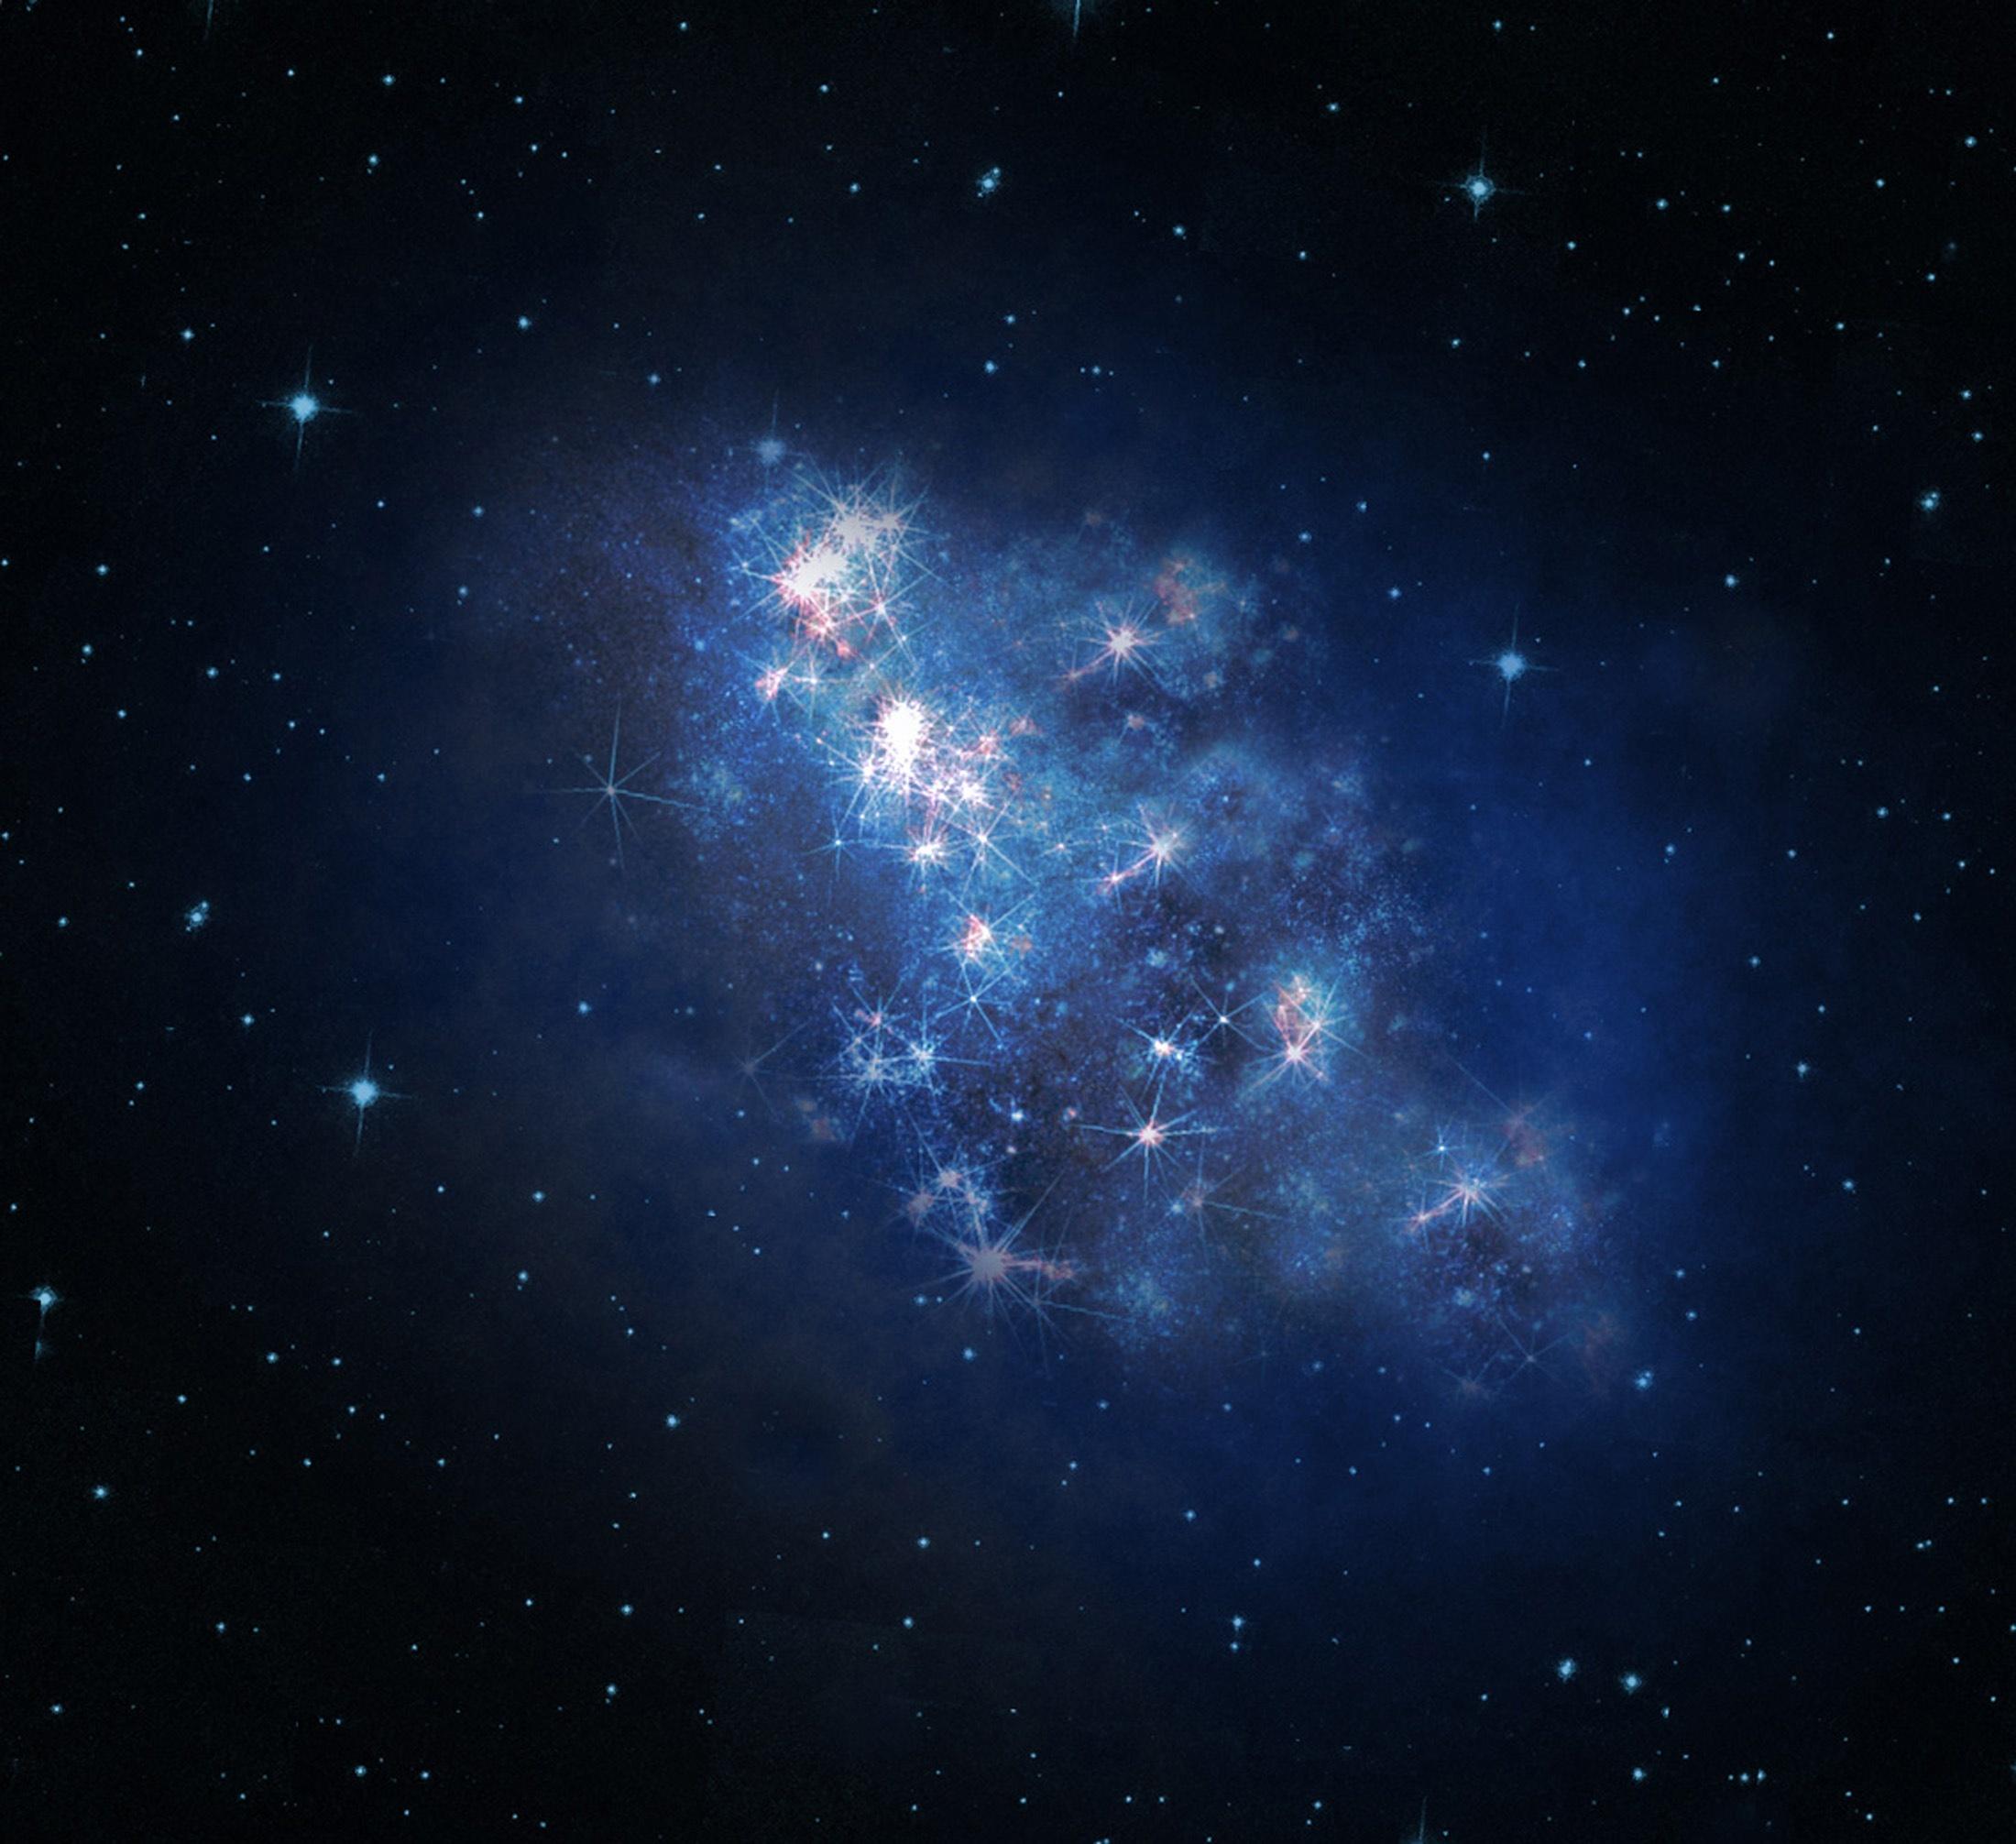 Επιστήμονες έφτιαξαν τη μεγαλύτερη προσομοίωση του σύμπαντος που «πιάνει»… 13,8 δισ. έτη ιστορίας